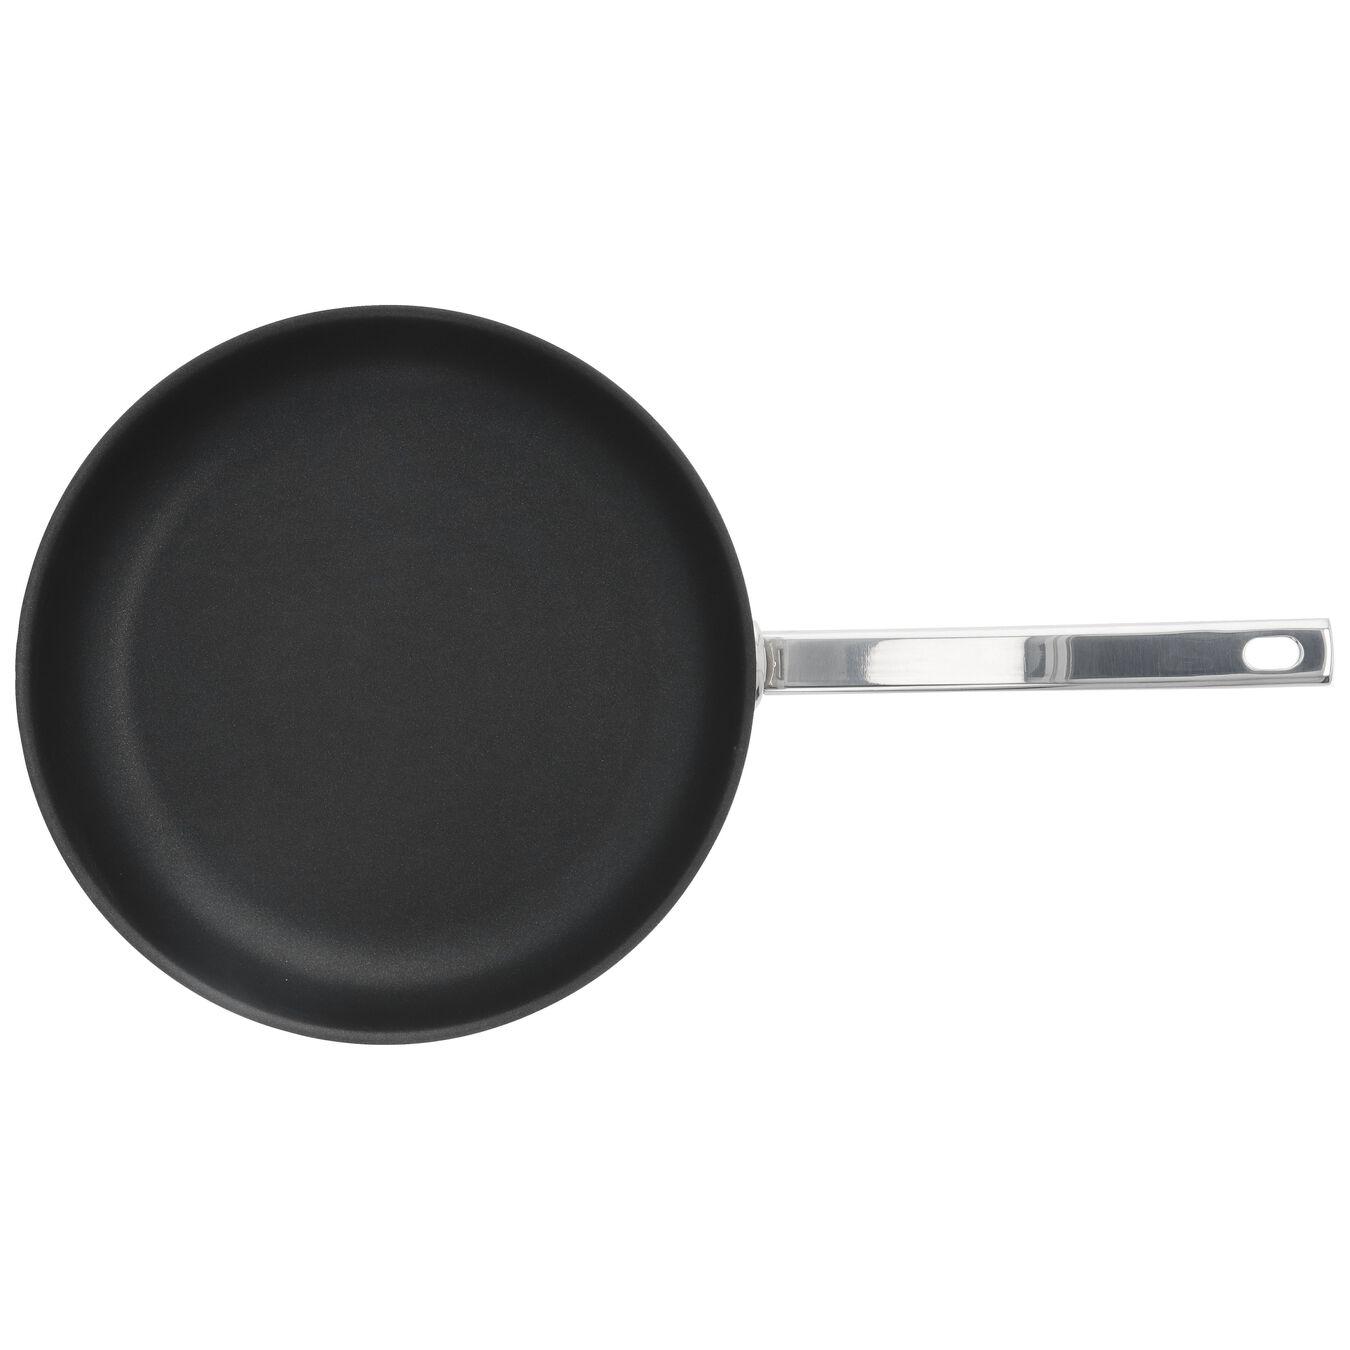 Koekenpan Zilver-zwart 28 cm,,large 5